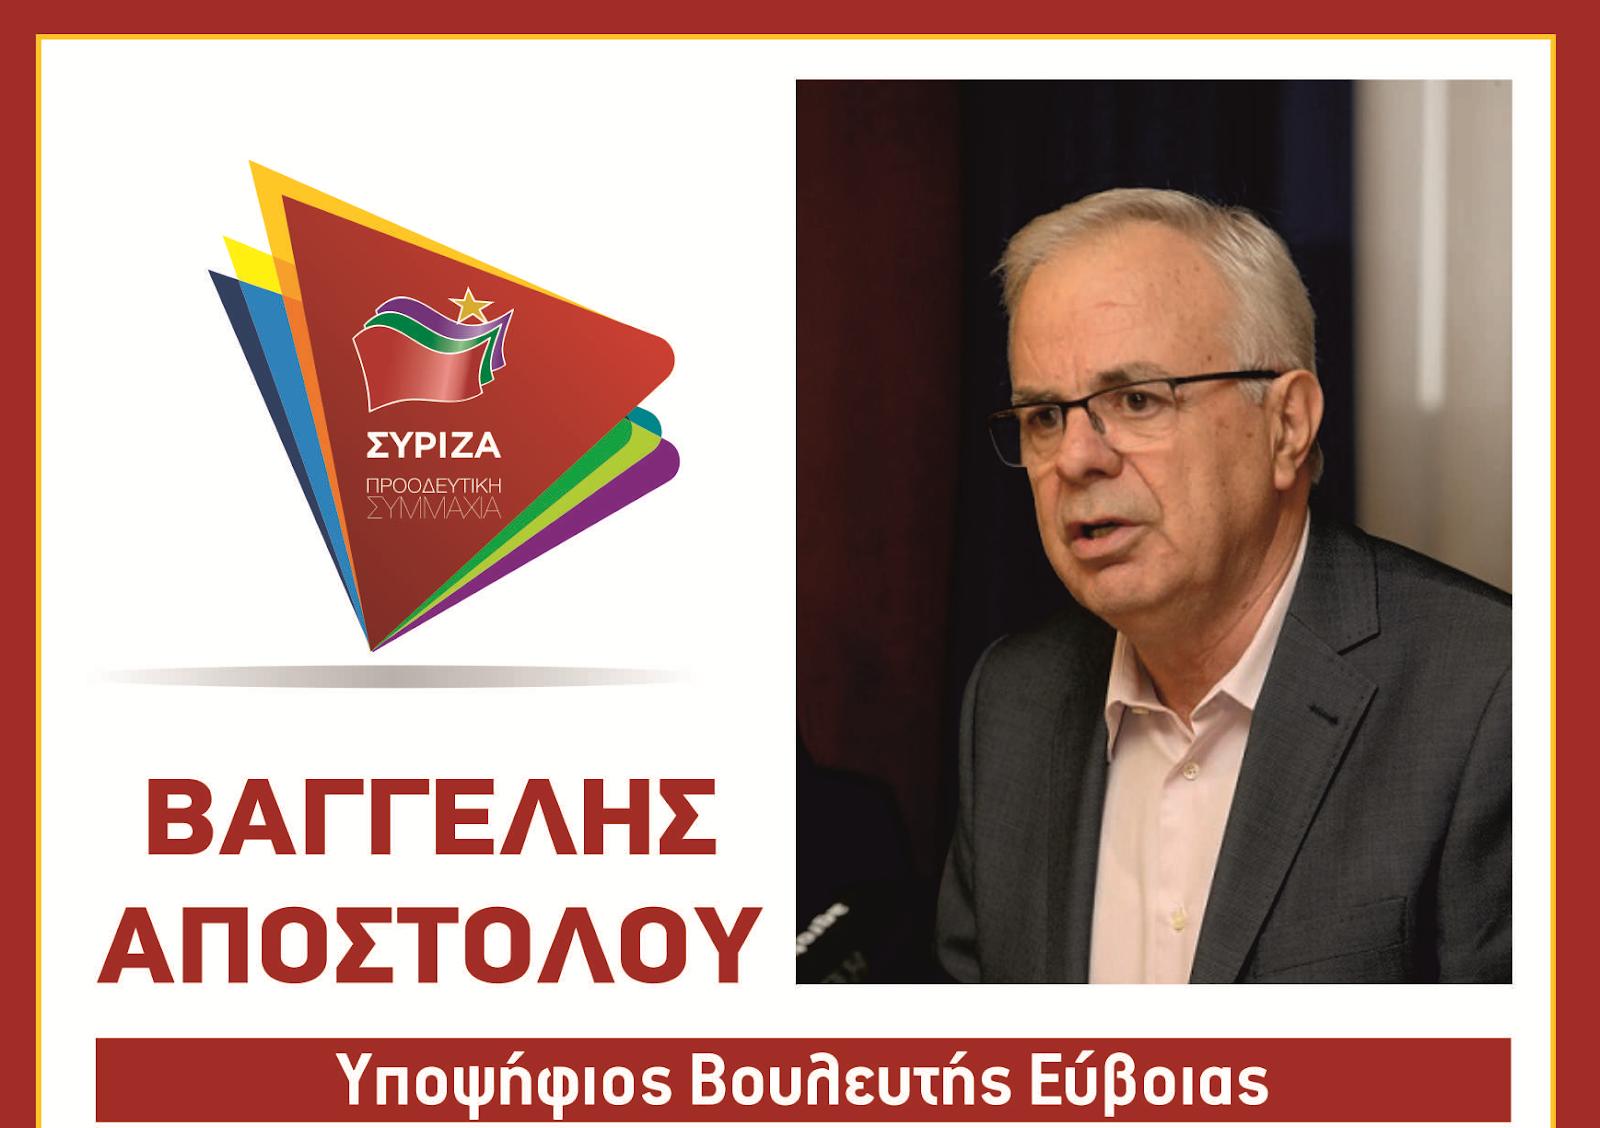 Βαγγέλης Αποστόλου Υποψήφιος βουλευτής Ν. Ευβοίας